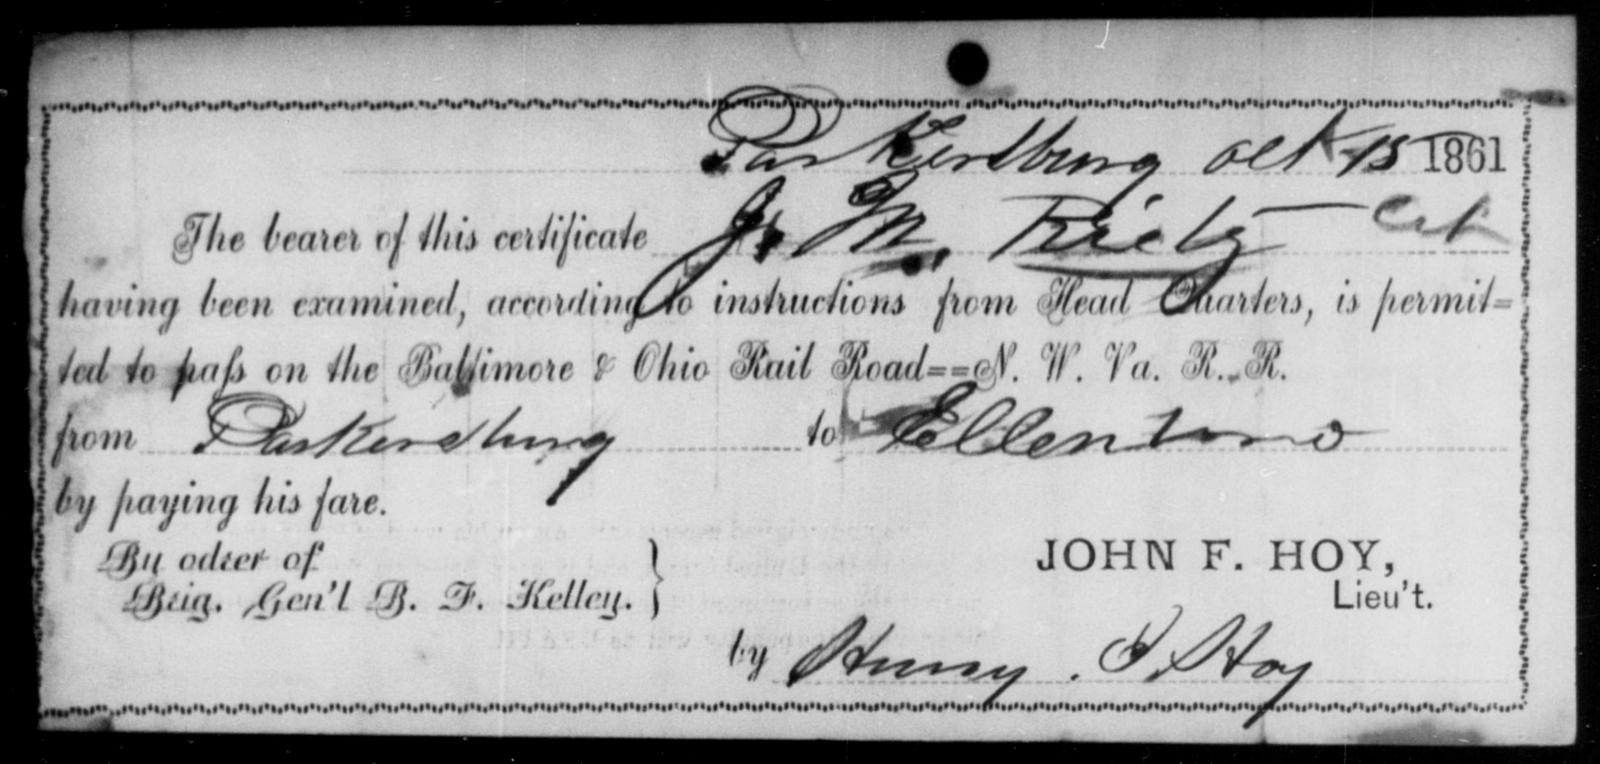 Reitz, J M - State: Ohio - Year: 1861